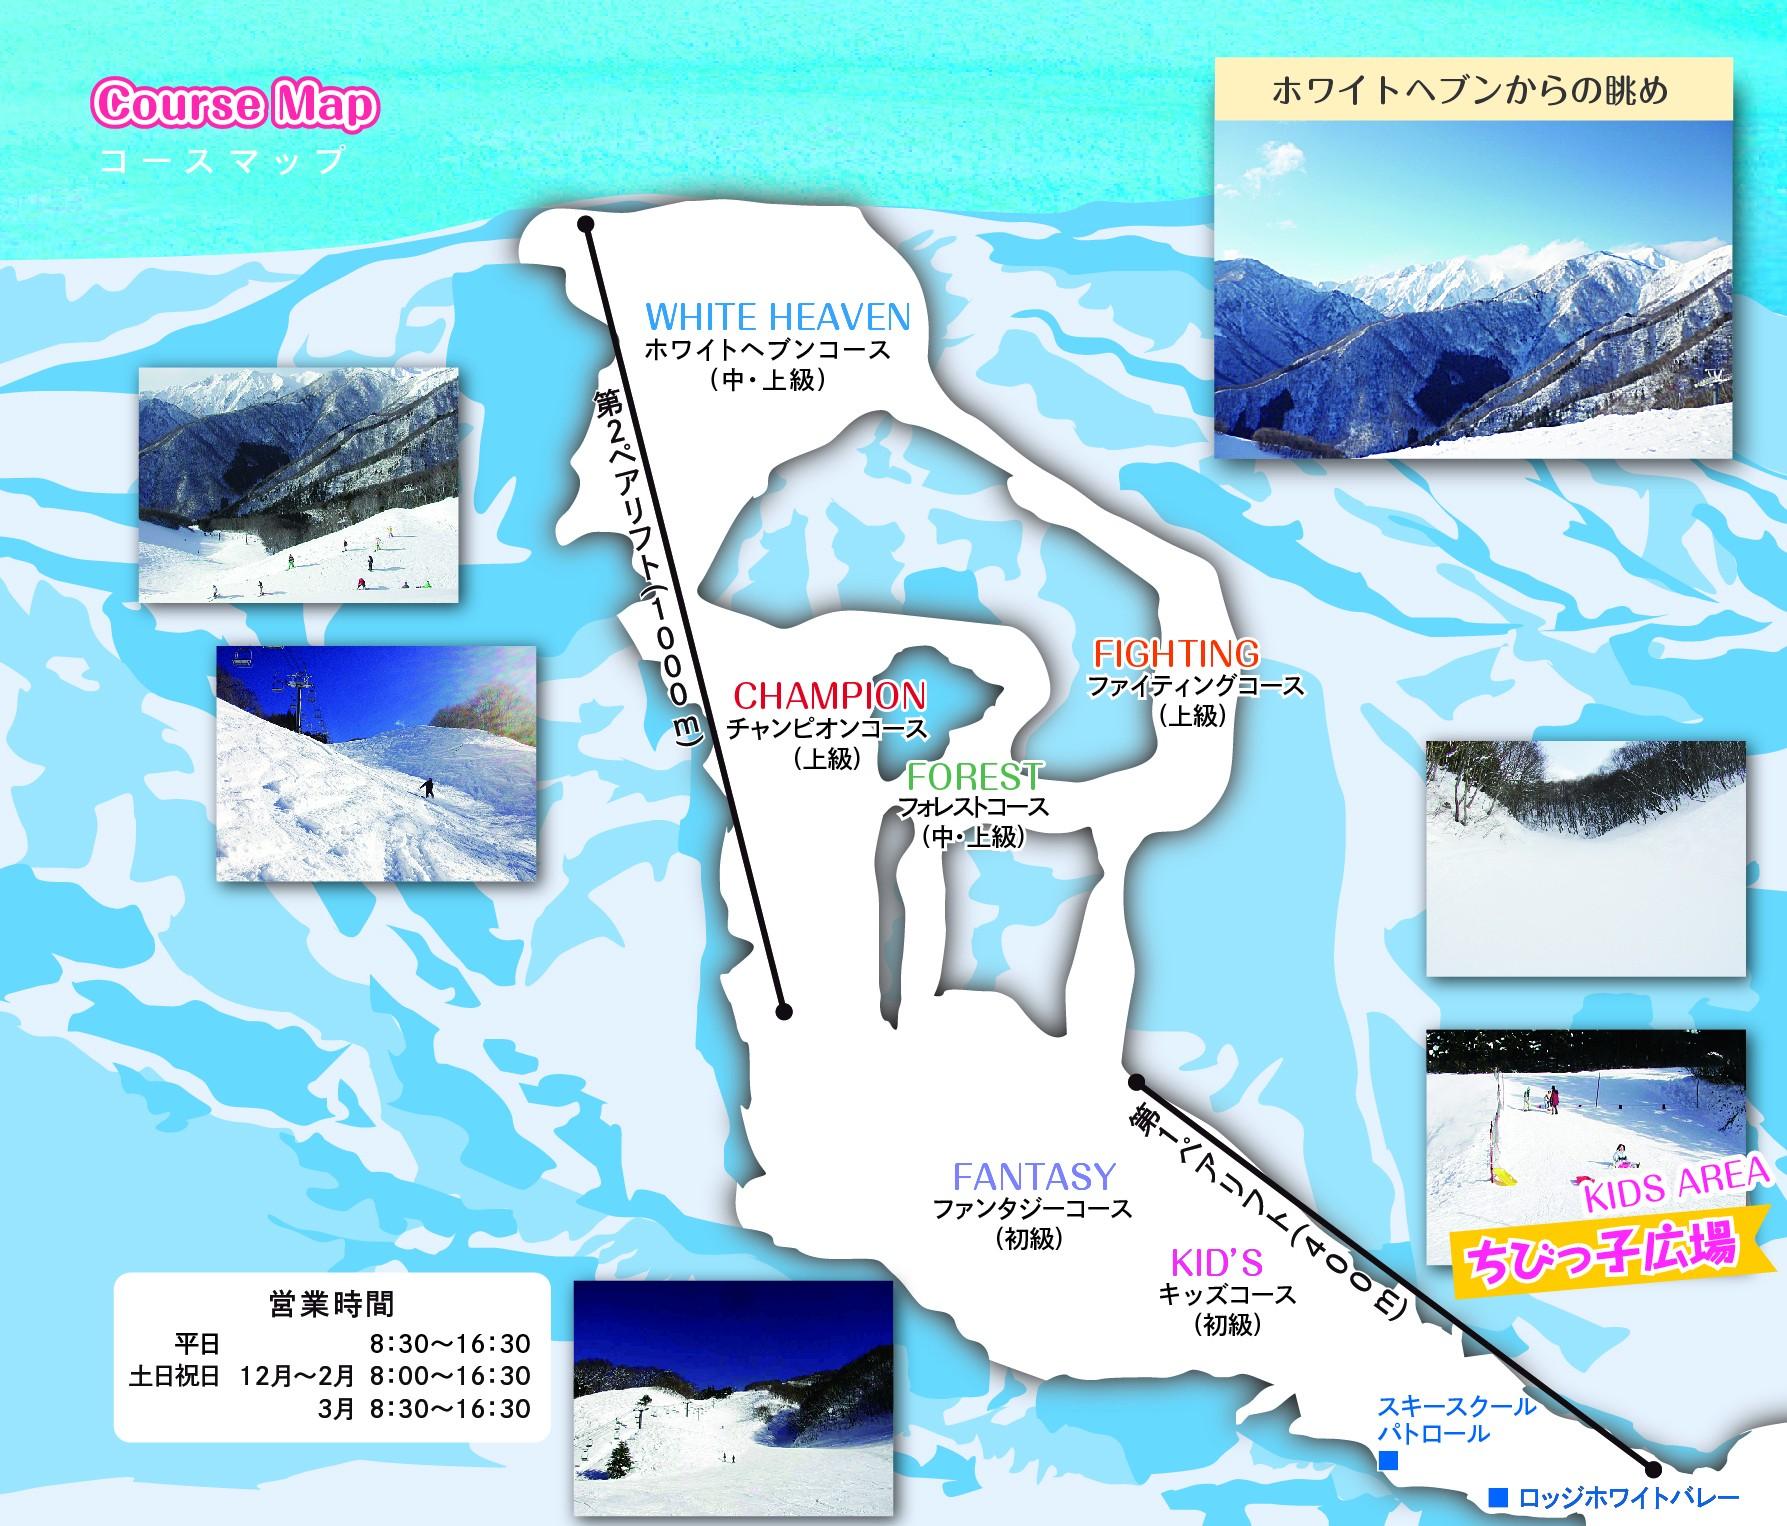 ホワイトバレースキー場コースマップ